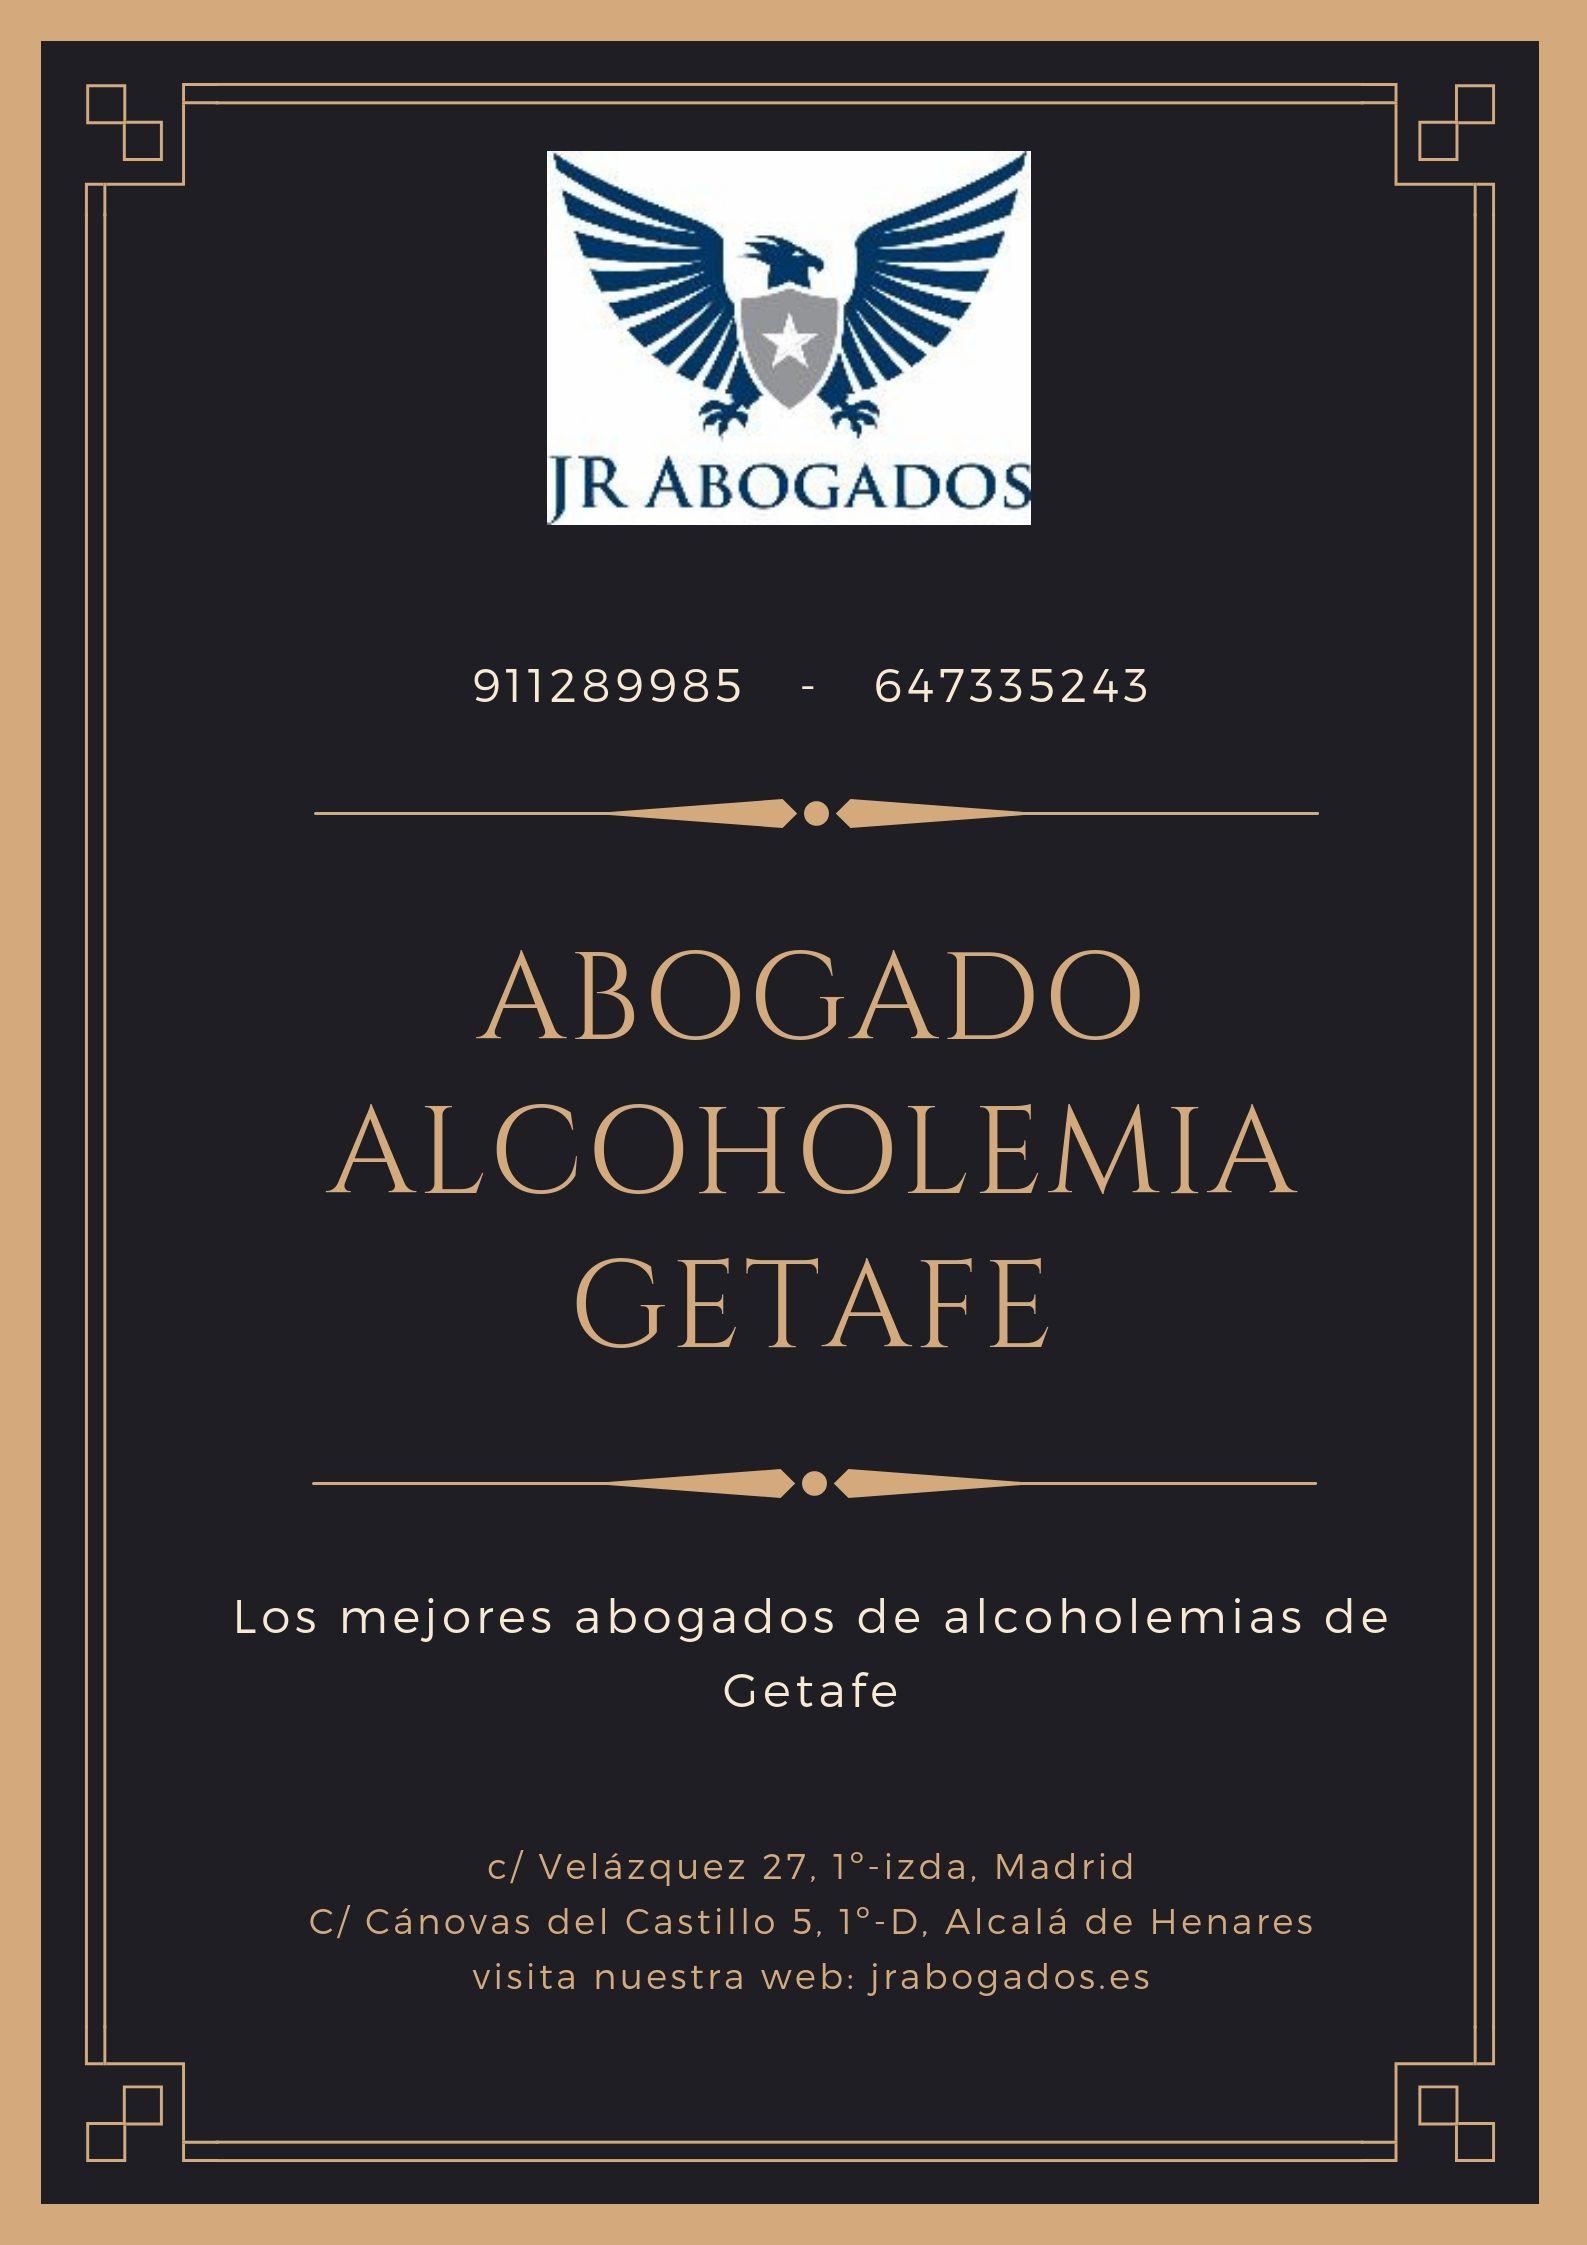 abogado.alcoholemia.getafe